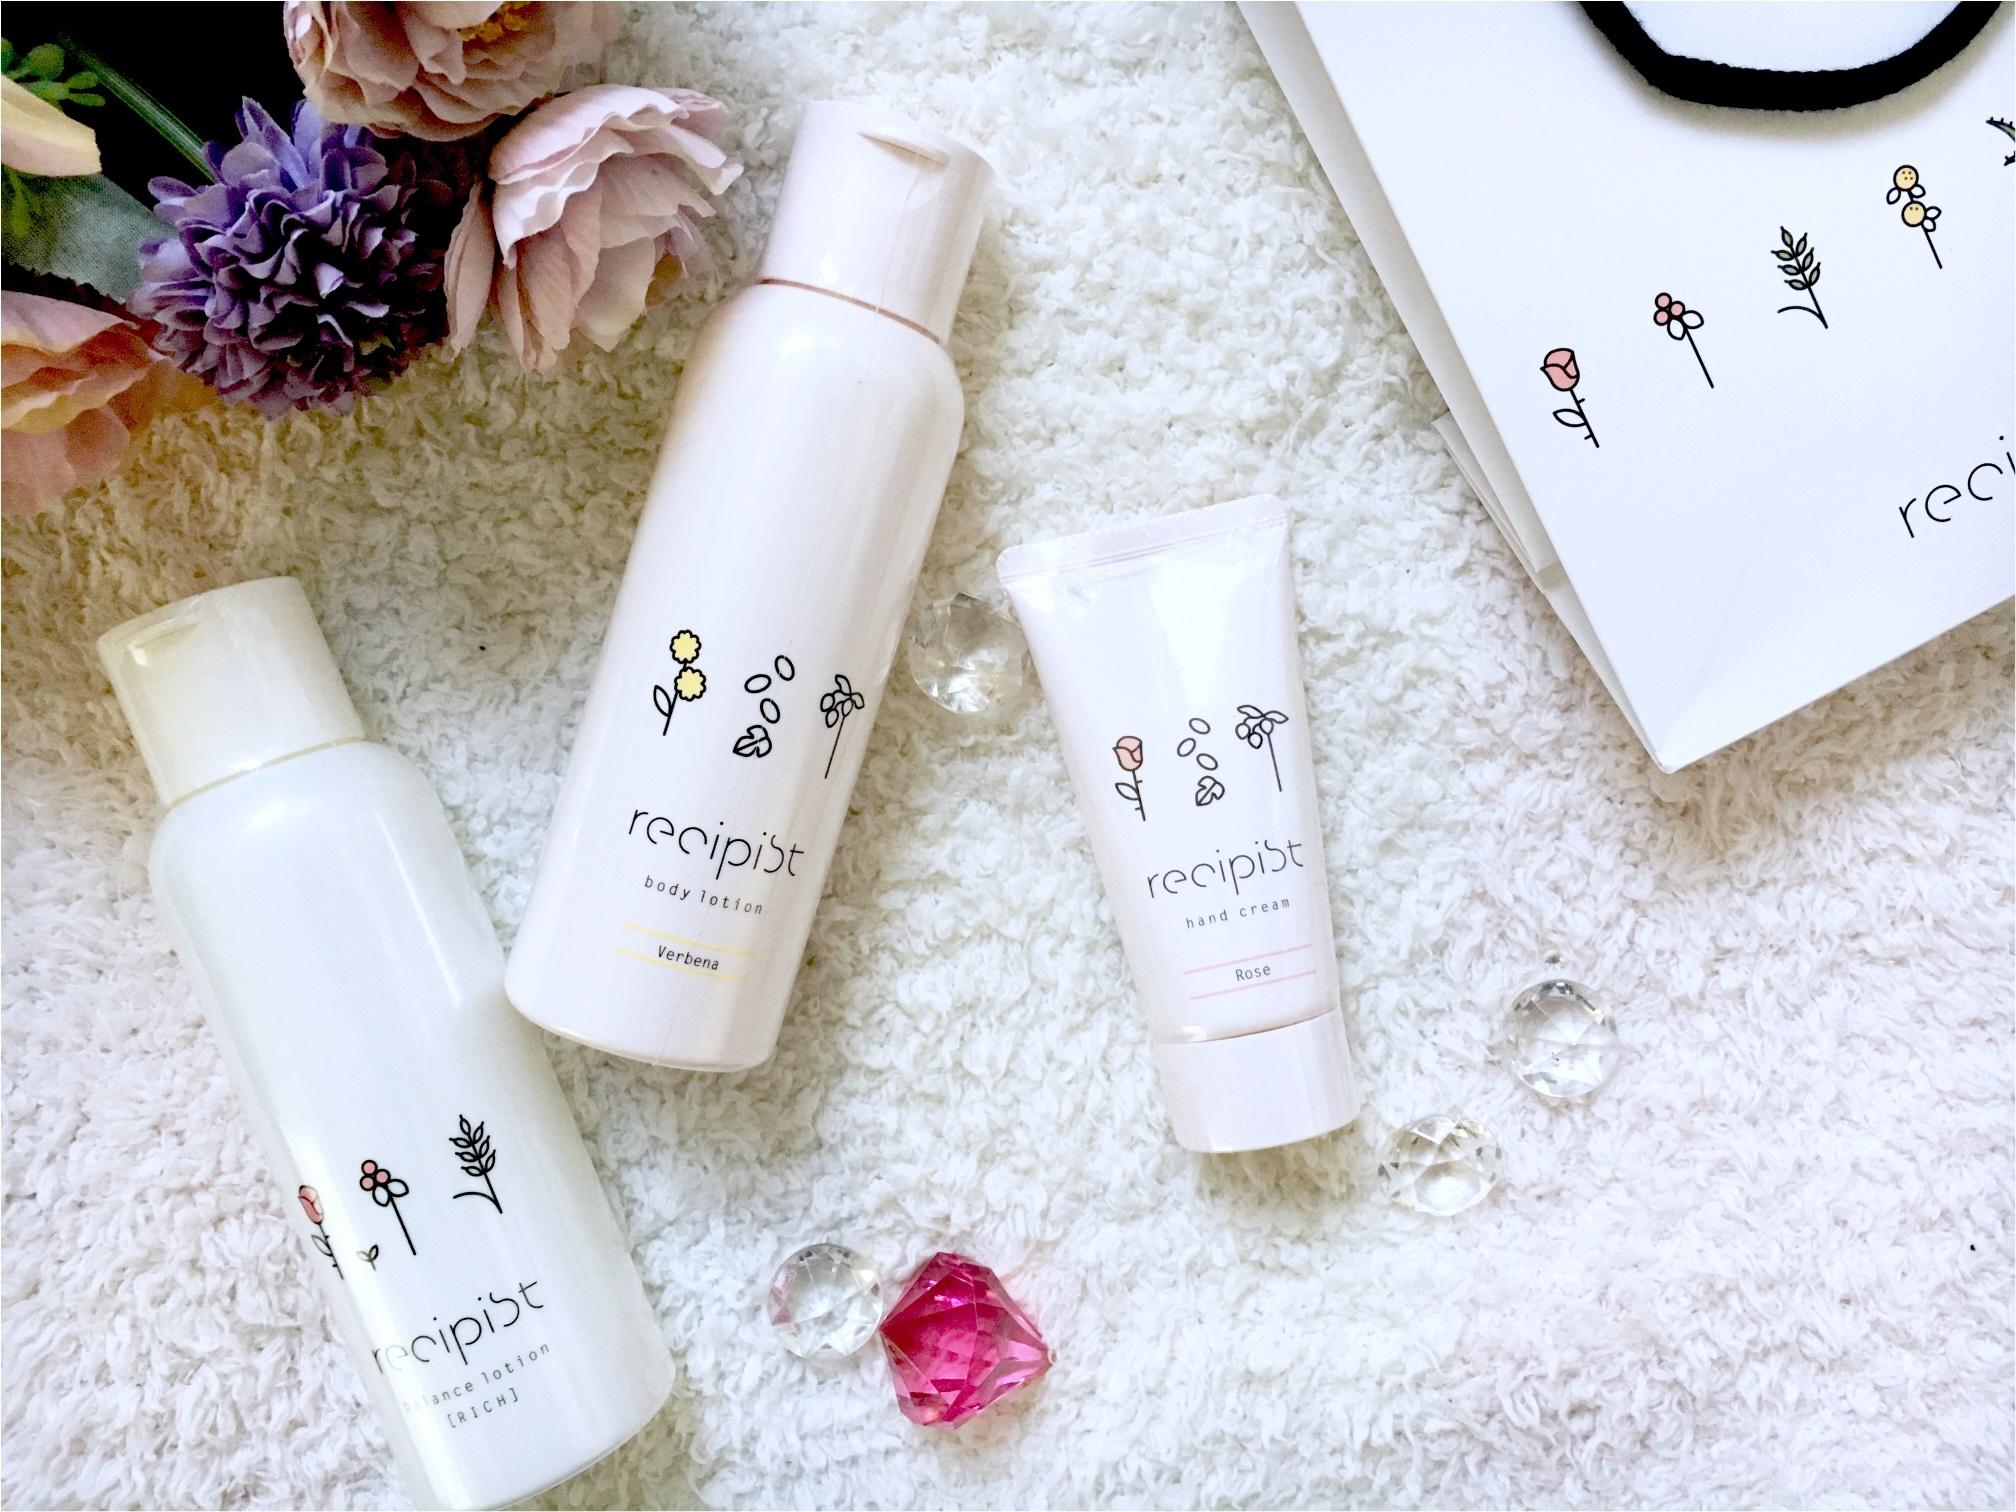 プチプラ化粧水特集 - 乾燥、ニキビ、美白などにおすすめの高コスパな化粧水まとめ_8